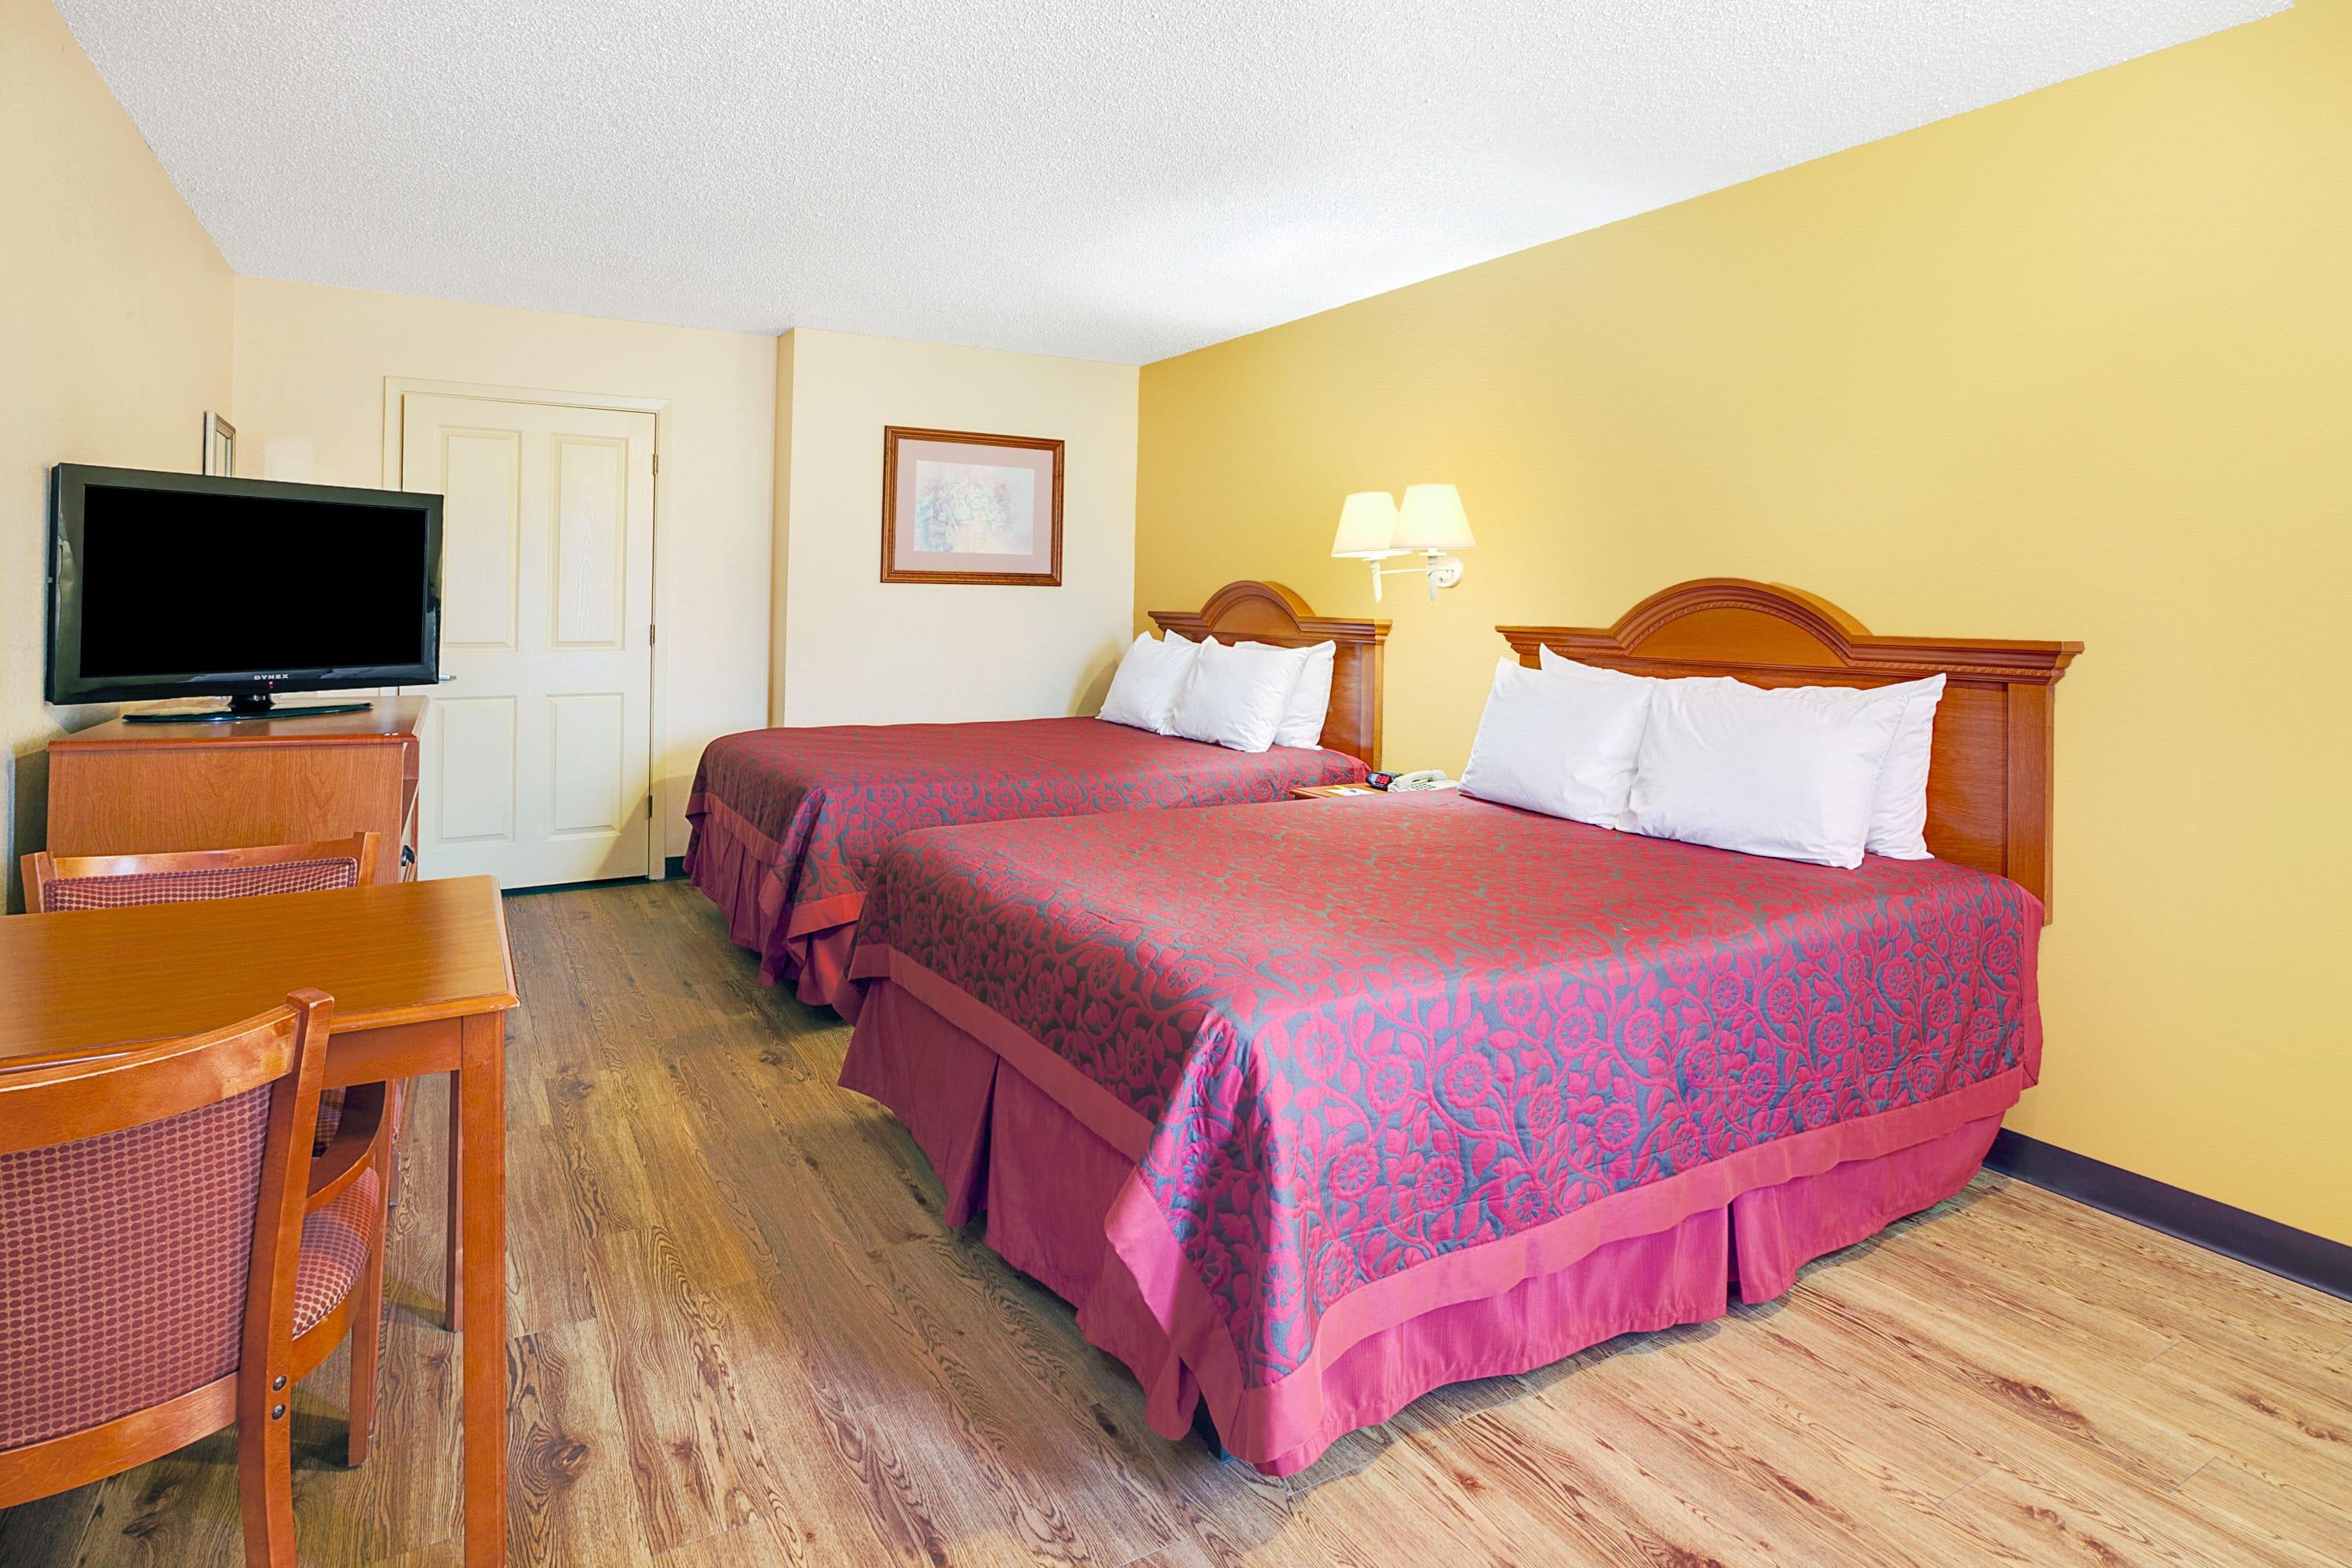 Days Inn Boerne suite in Boerne, Texas